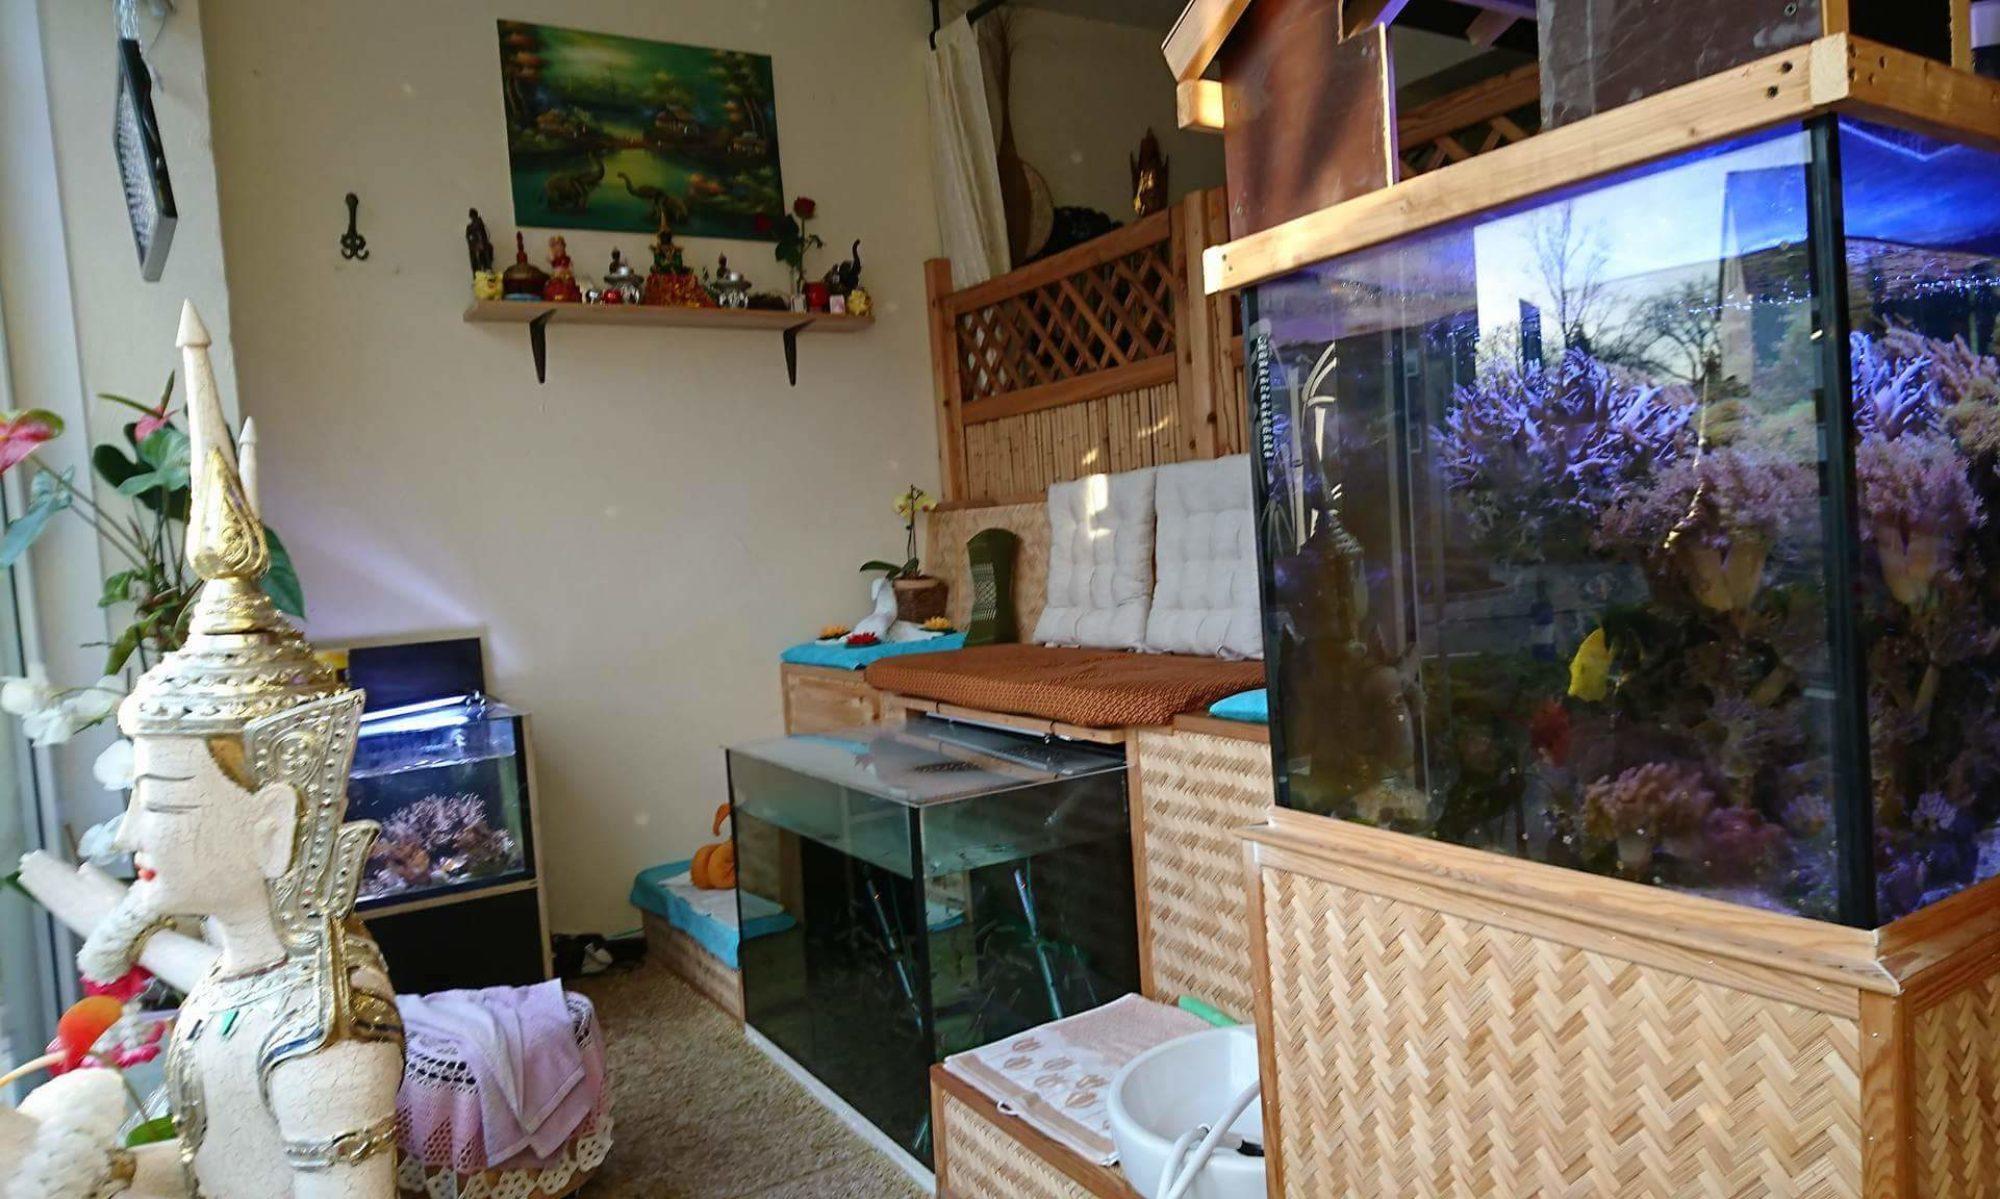 aquarius-dr-fish-spa